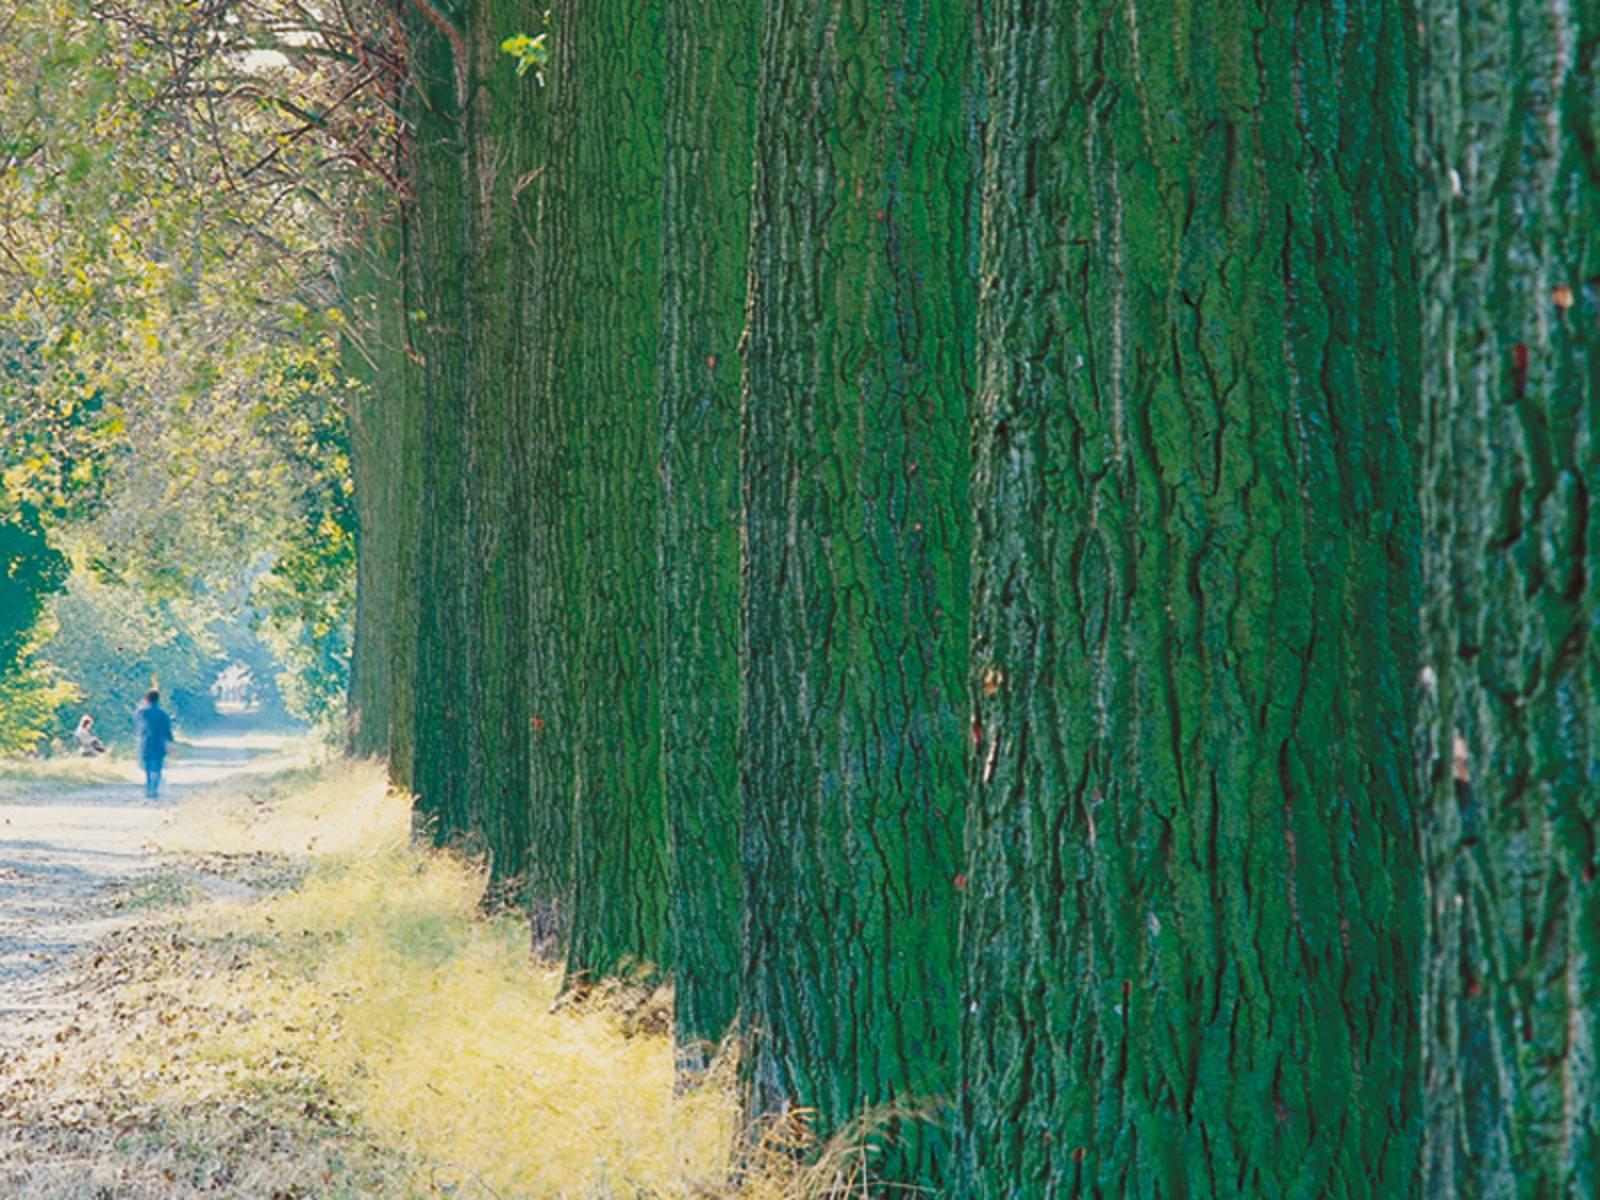 Die Stämme einer Reihe von großen Bäumen, links davon ein Weg mit Spaziergängern